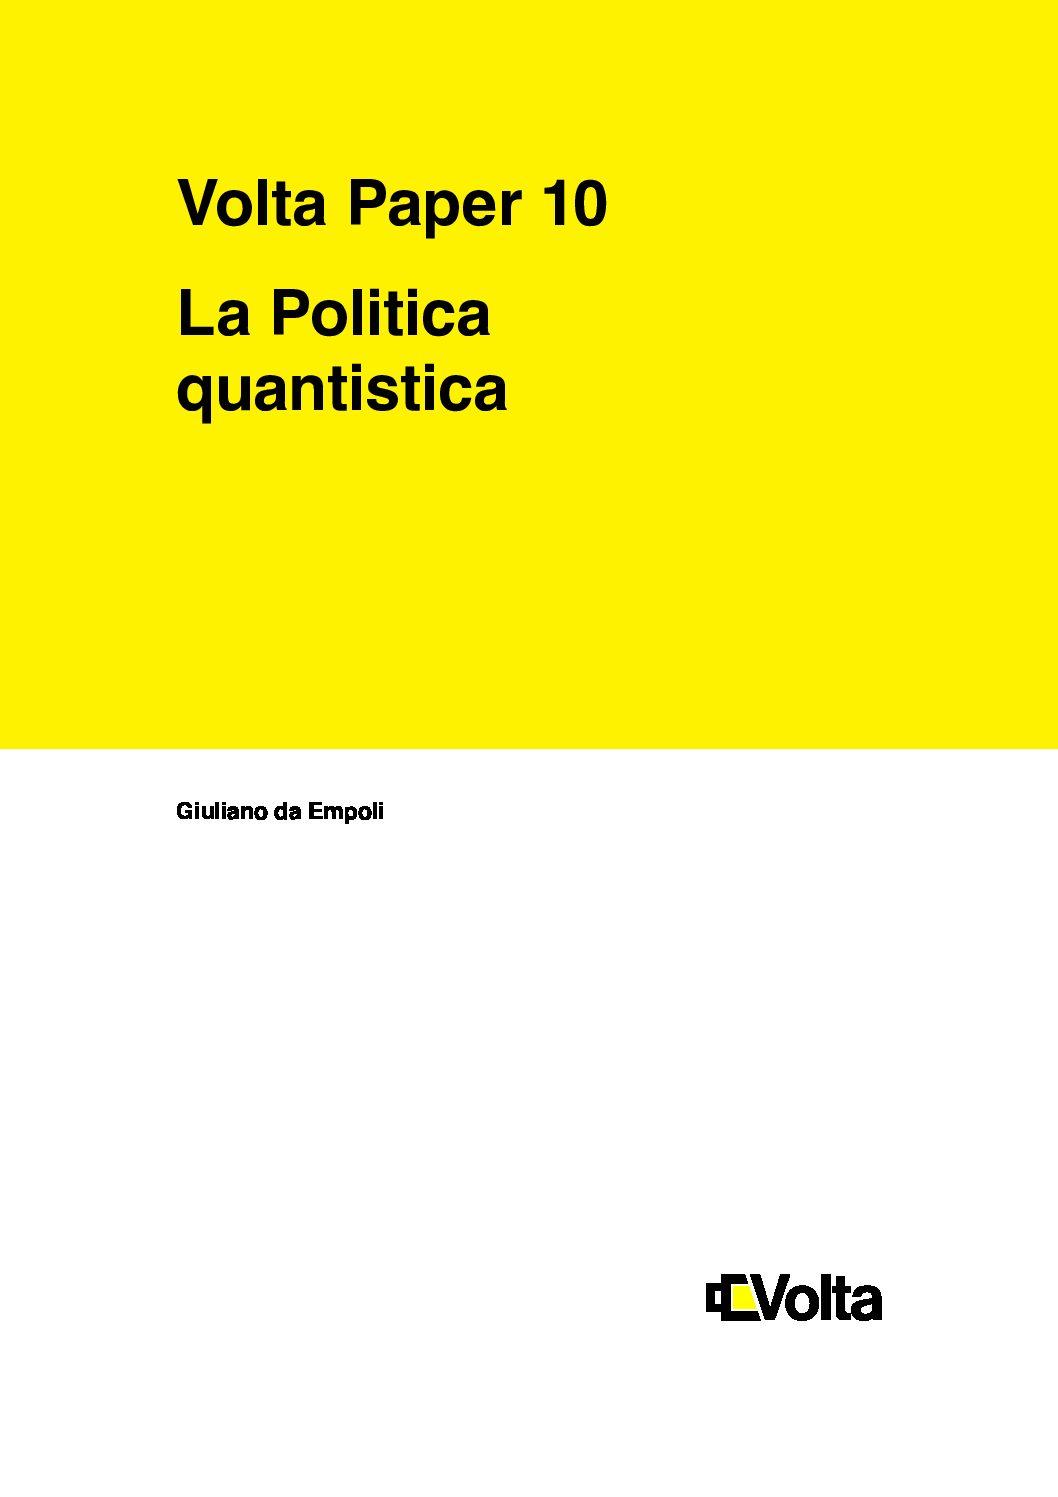 La politica quantistica